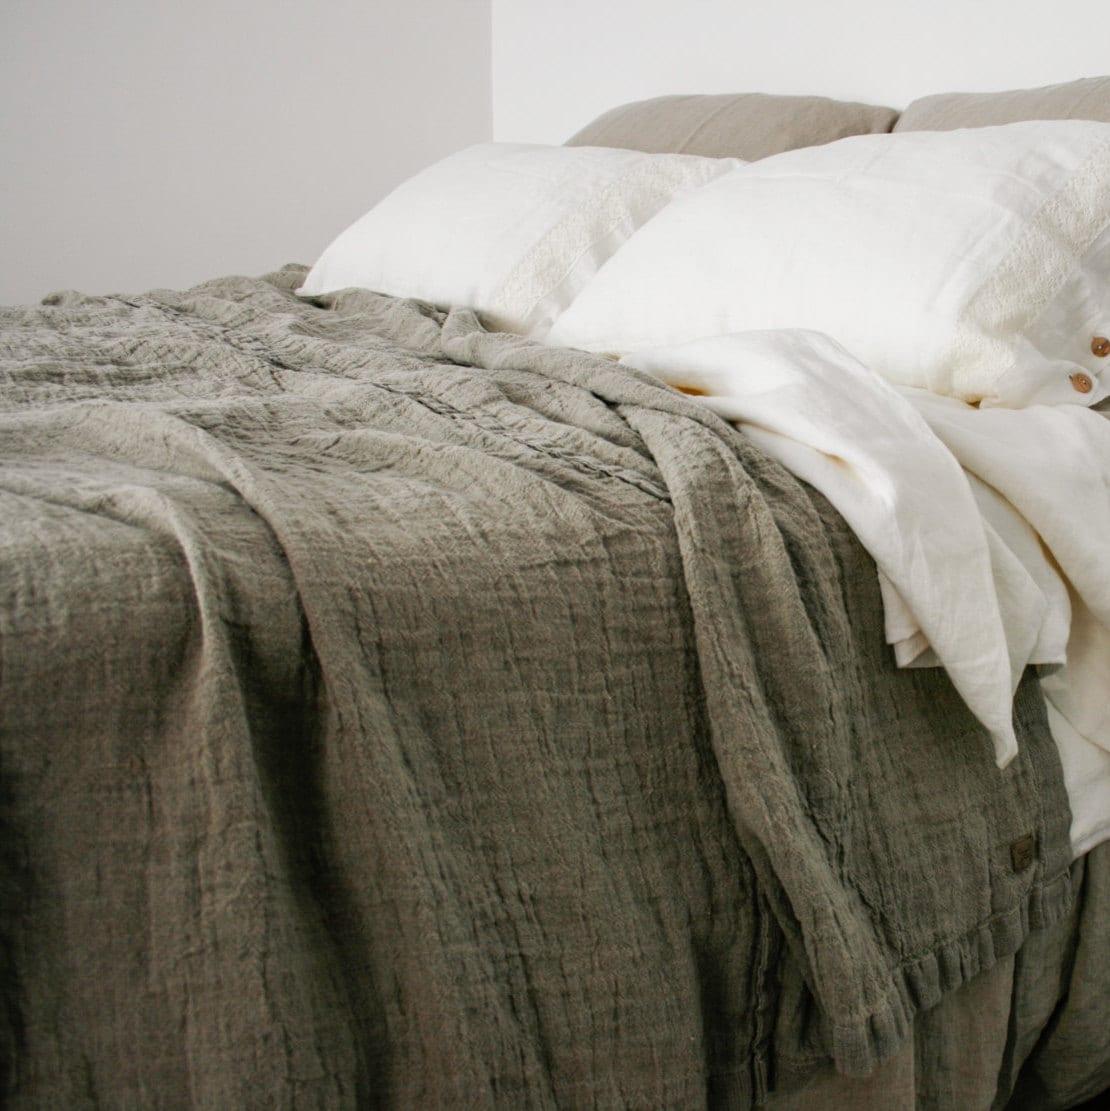 couvre lit lin bauches de couverture de lit lin rustique. Black Bedroom Furniture Sets. Home Design Ideas